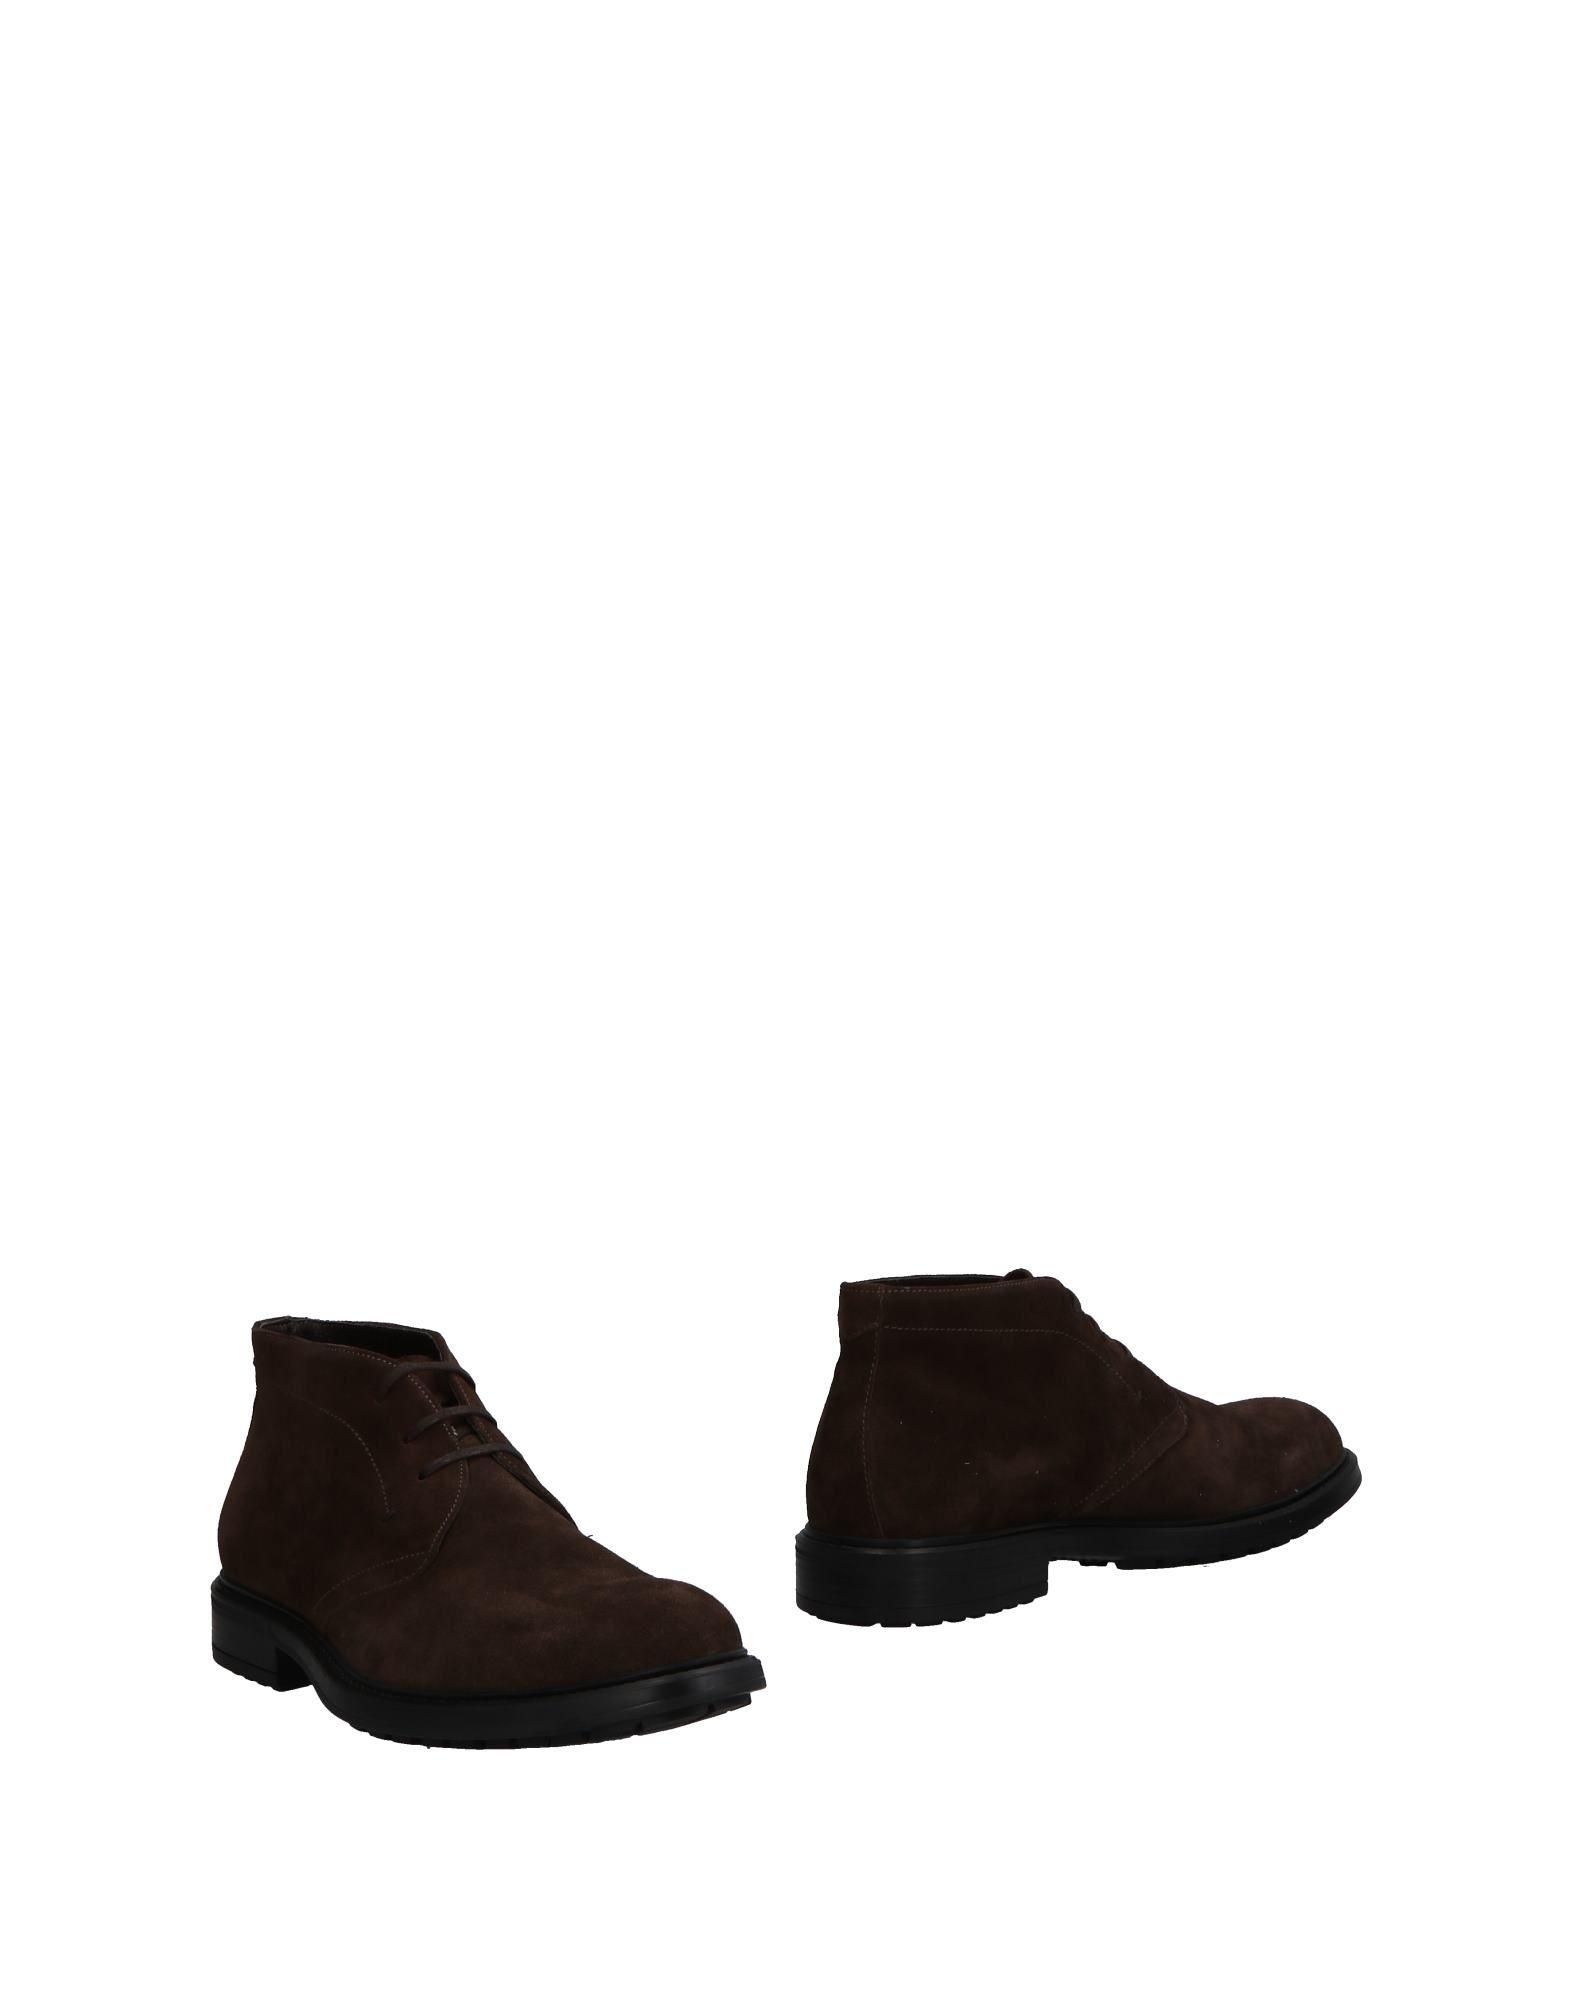 Marco Ferretti Stiefelette Qualität Herren  11497270GU Gute Qualität Stiefelette beliebte Schuhe 2a7c71